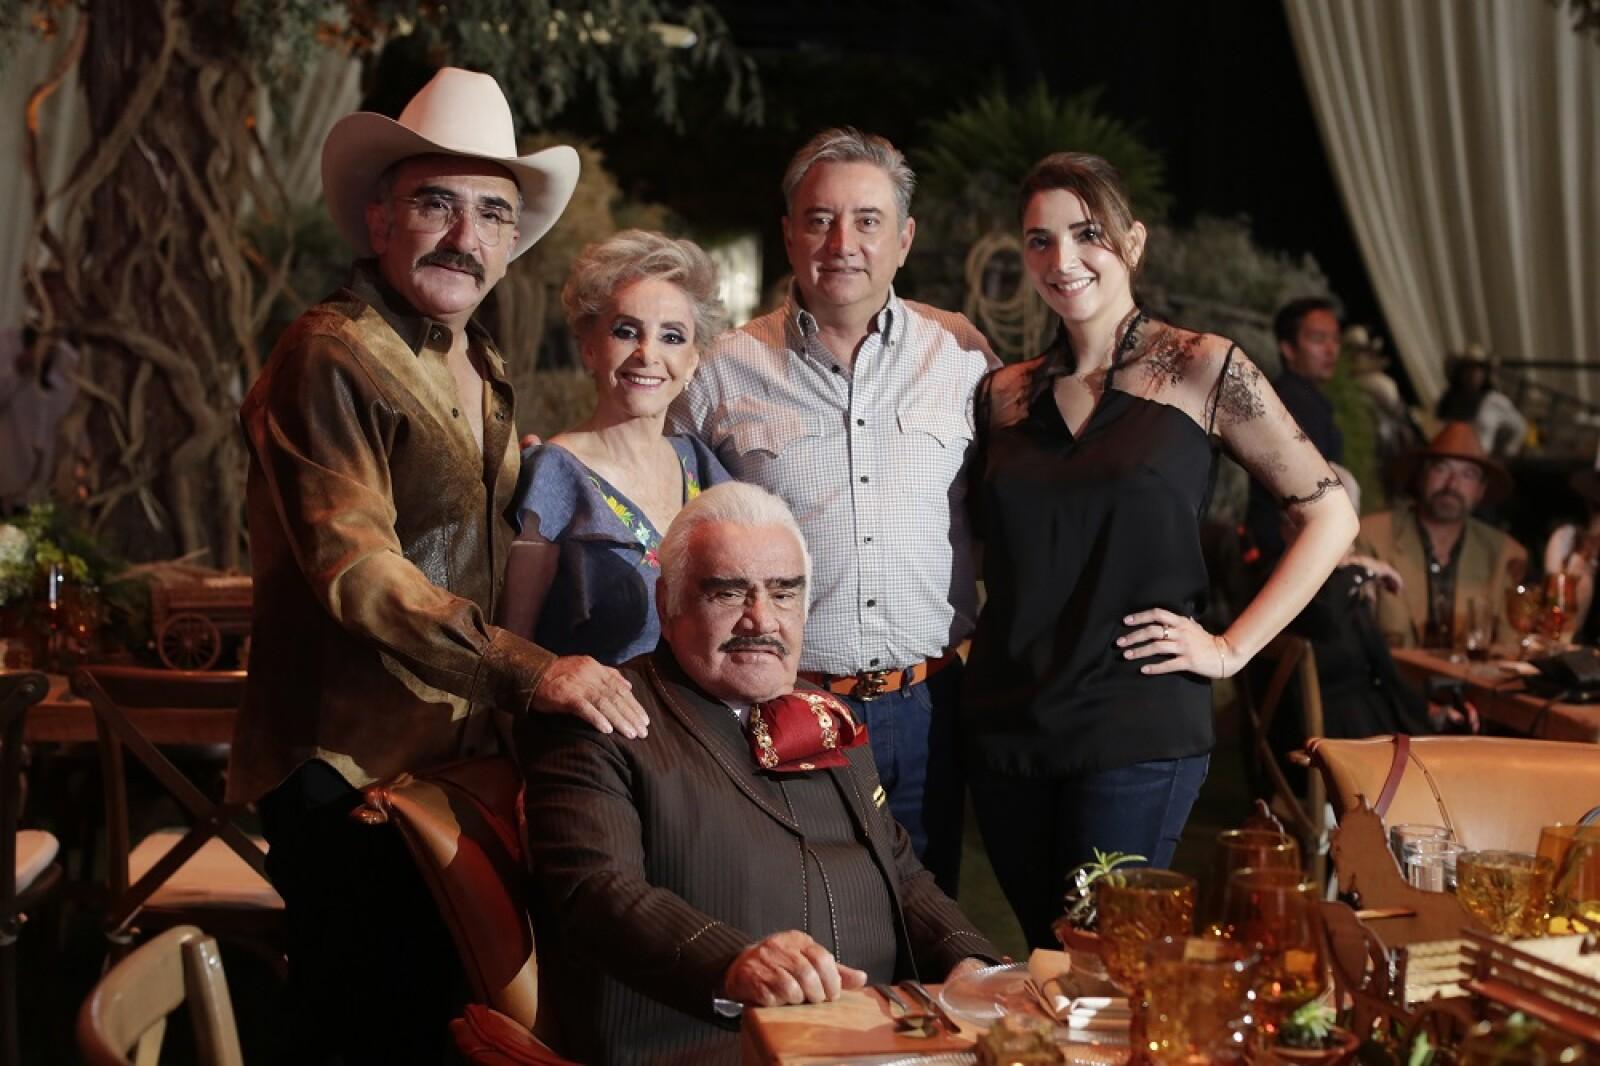 Vicente Fernández Jr, Cuquita, Gerardo Fernández, Alejandra Fernández y Vicente Fernández